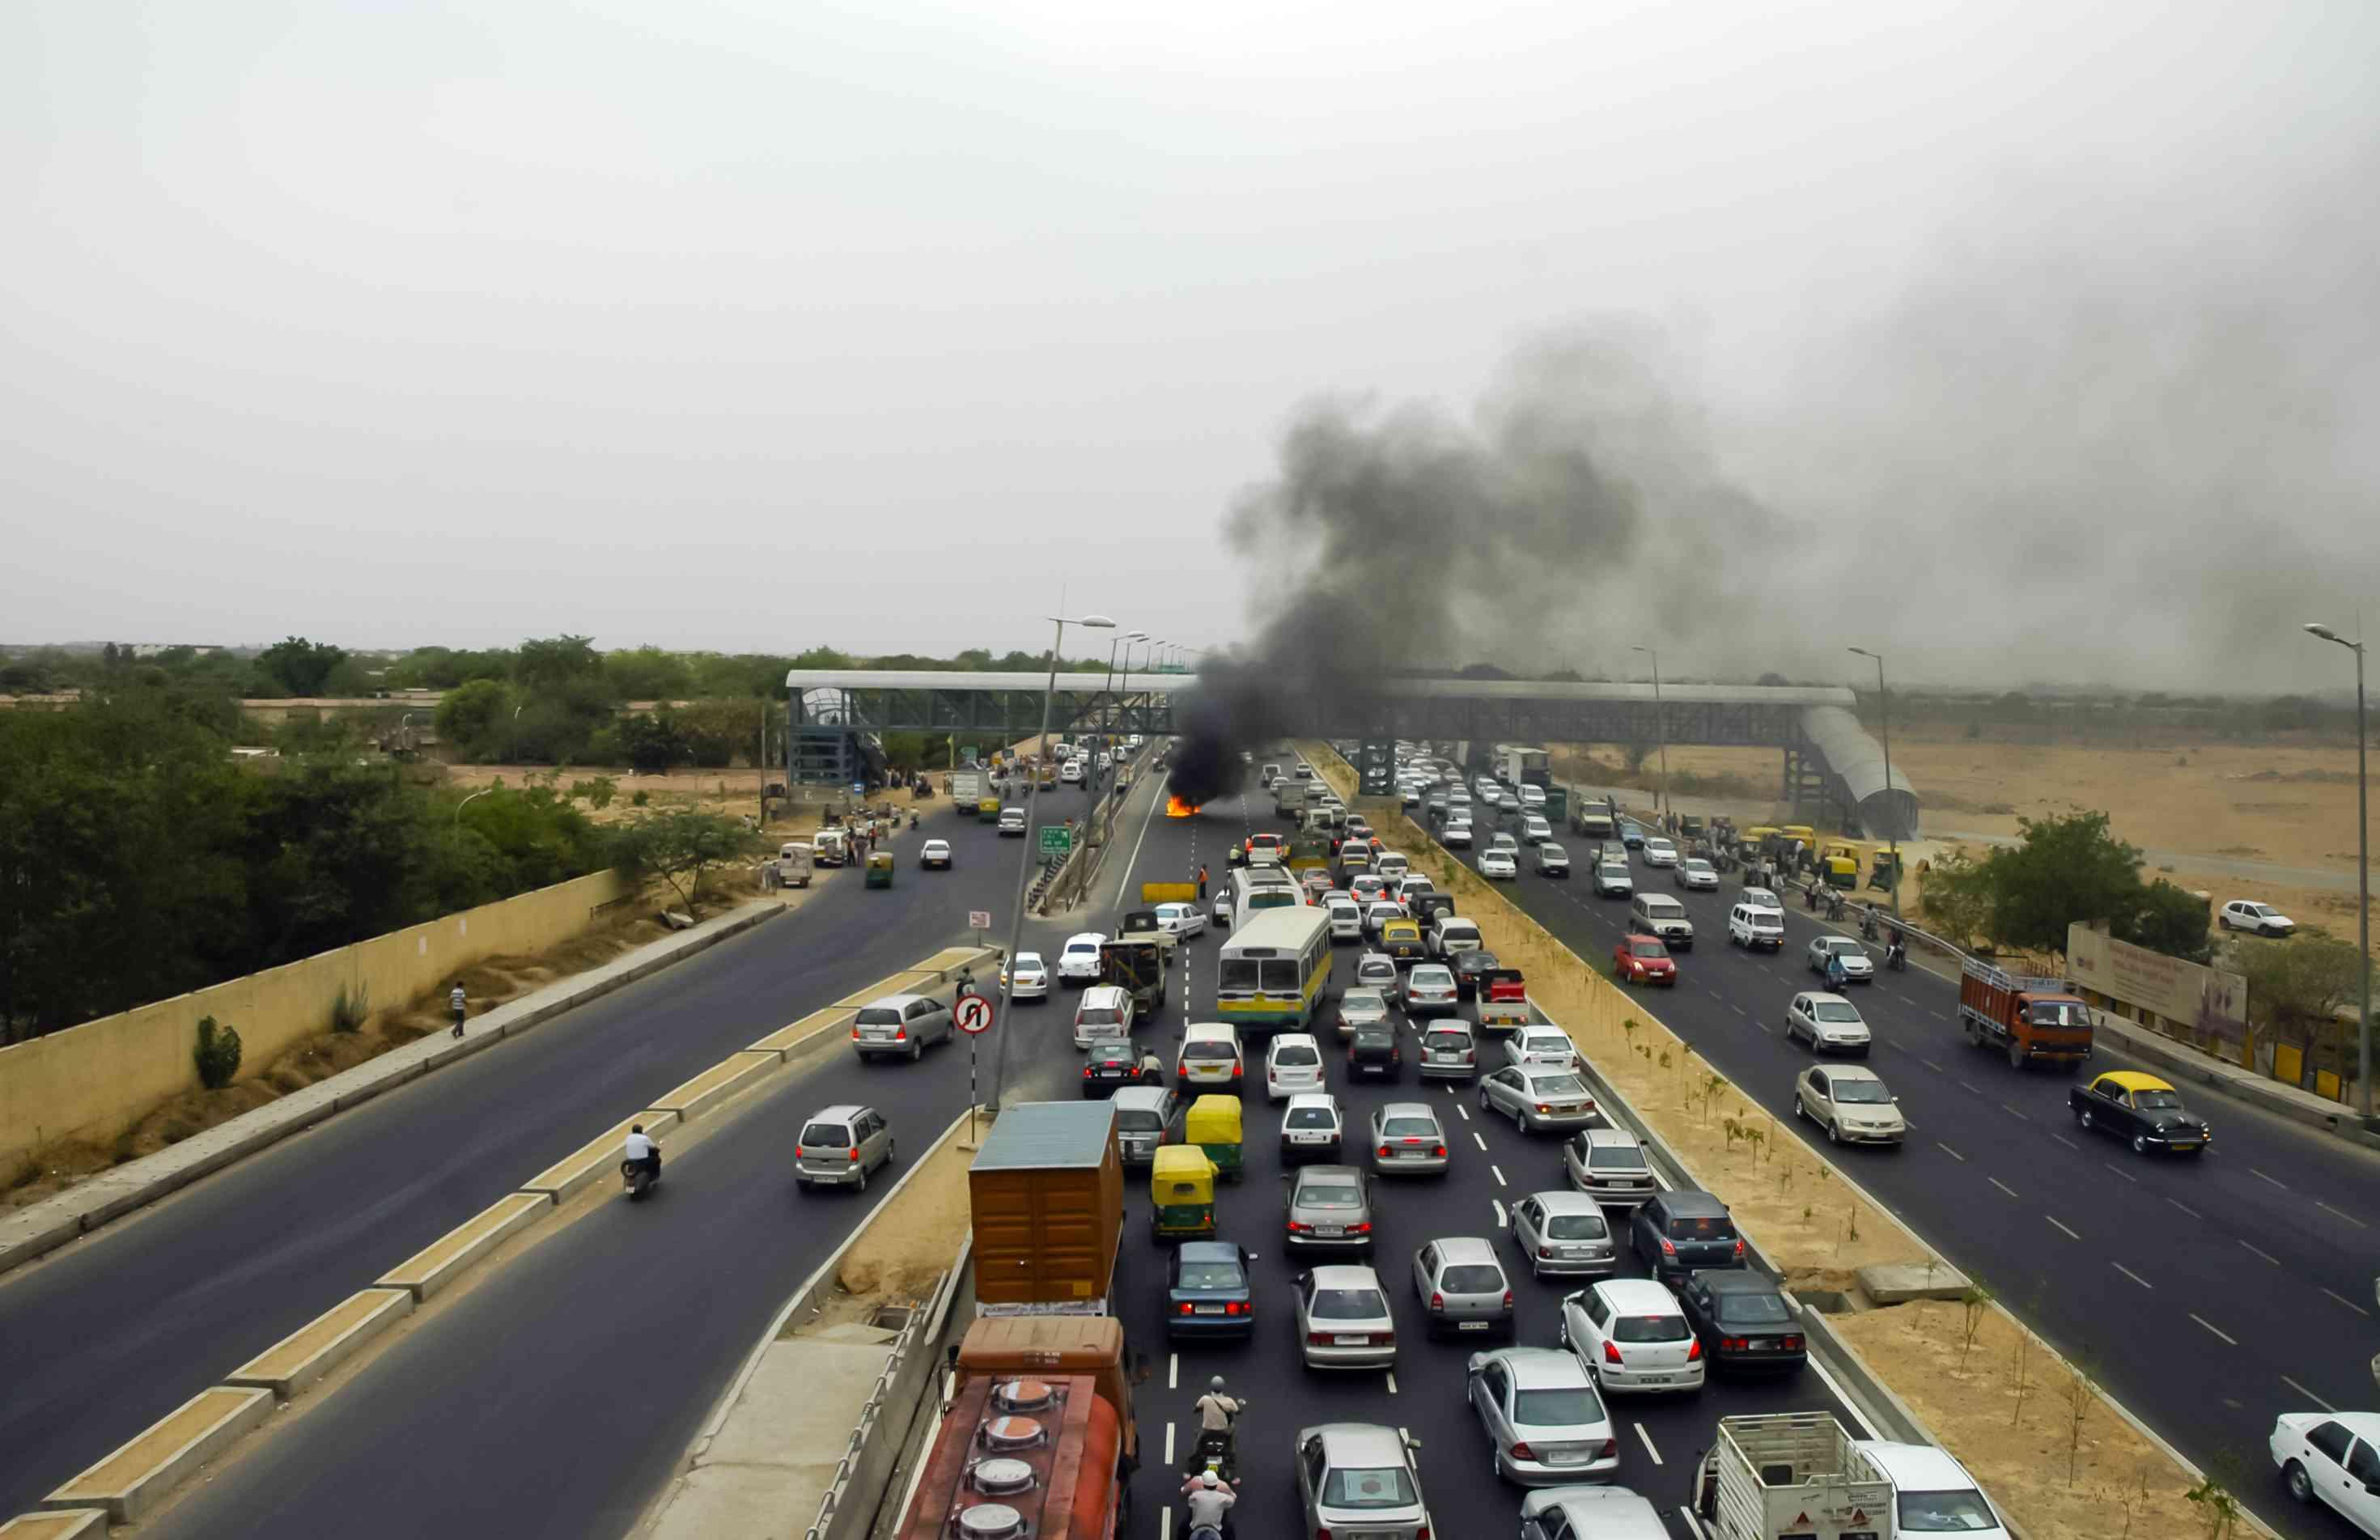 A car fire disrupting traffic in India